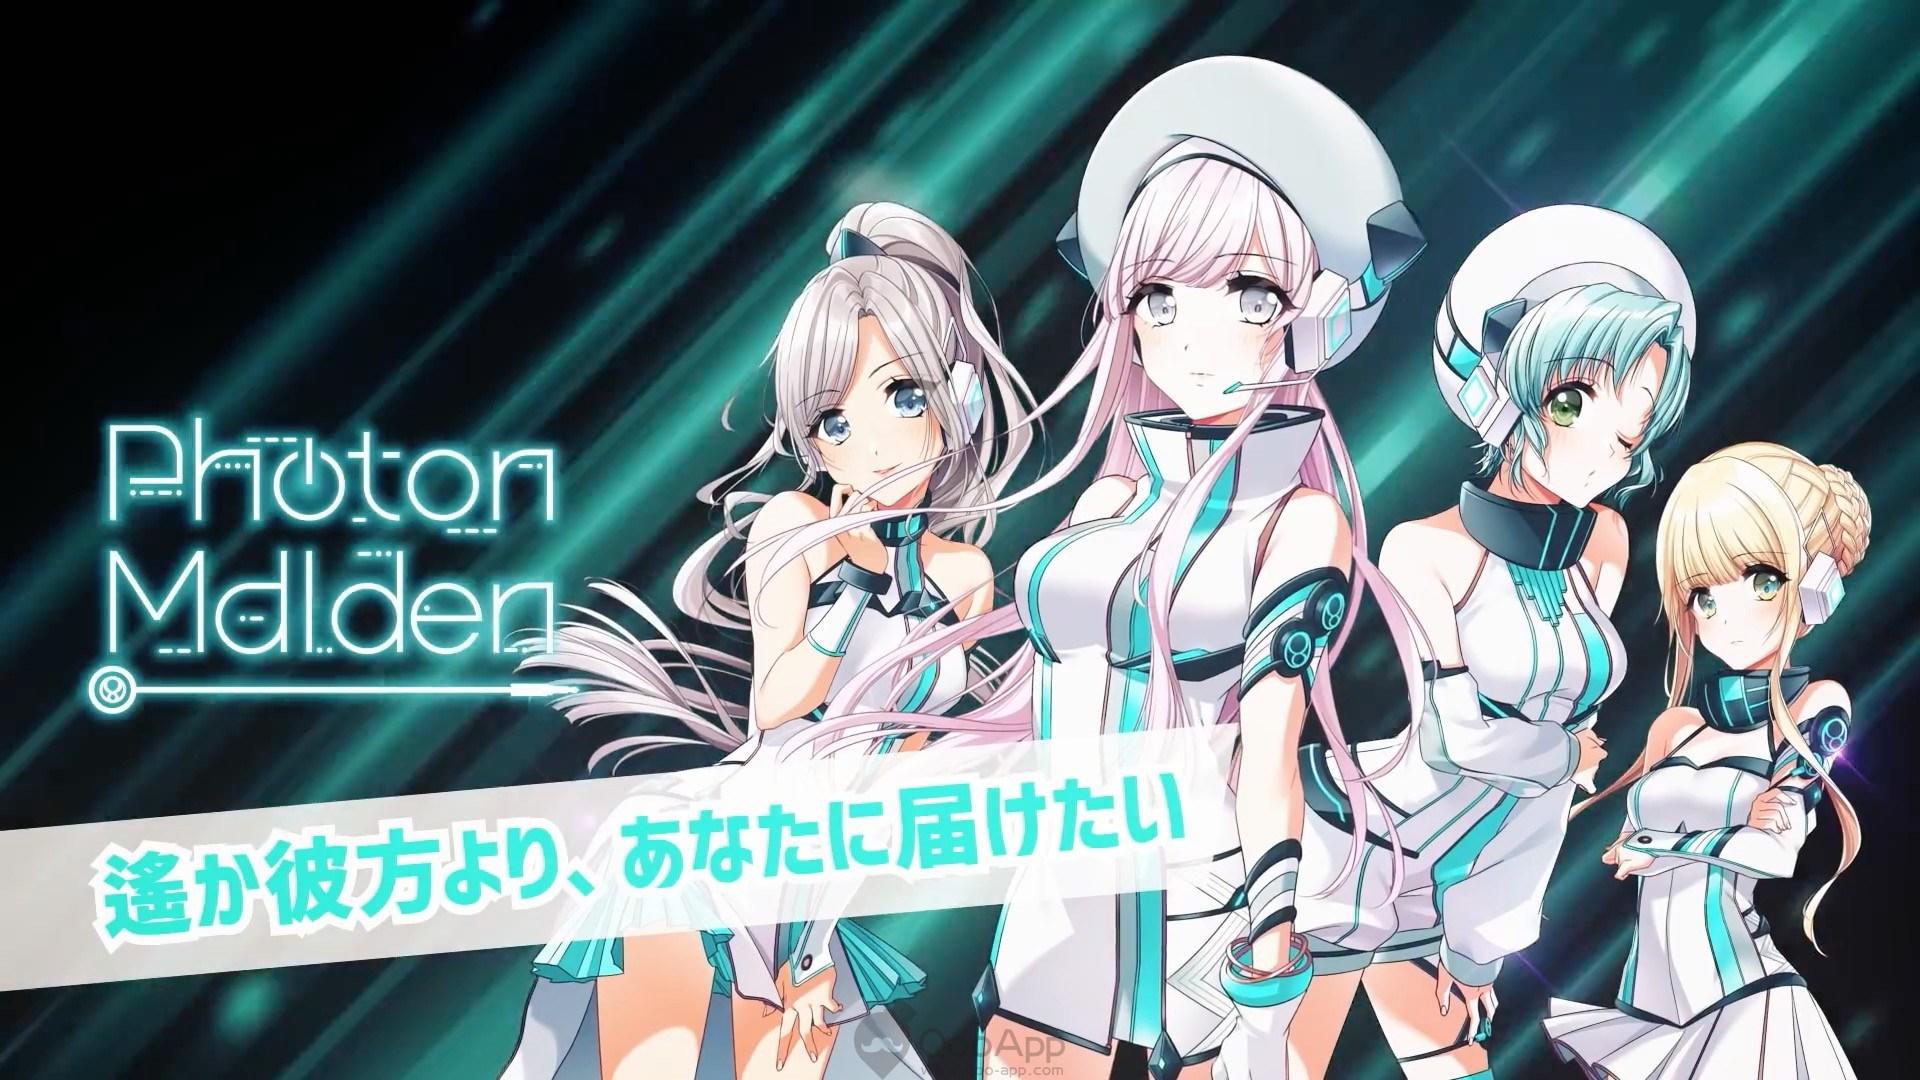 D4DJ's Photon Maiden